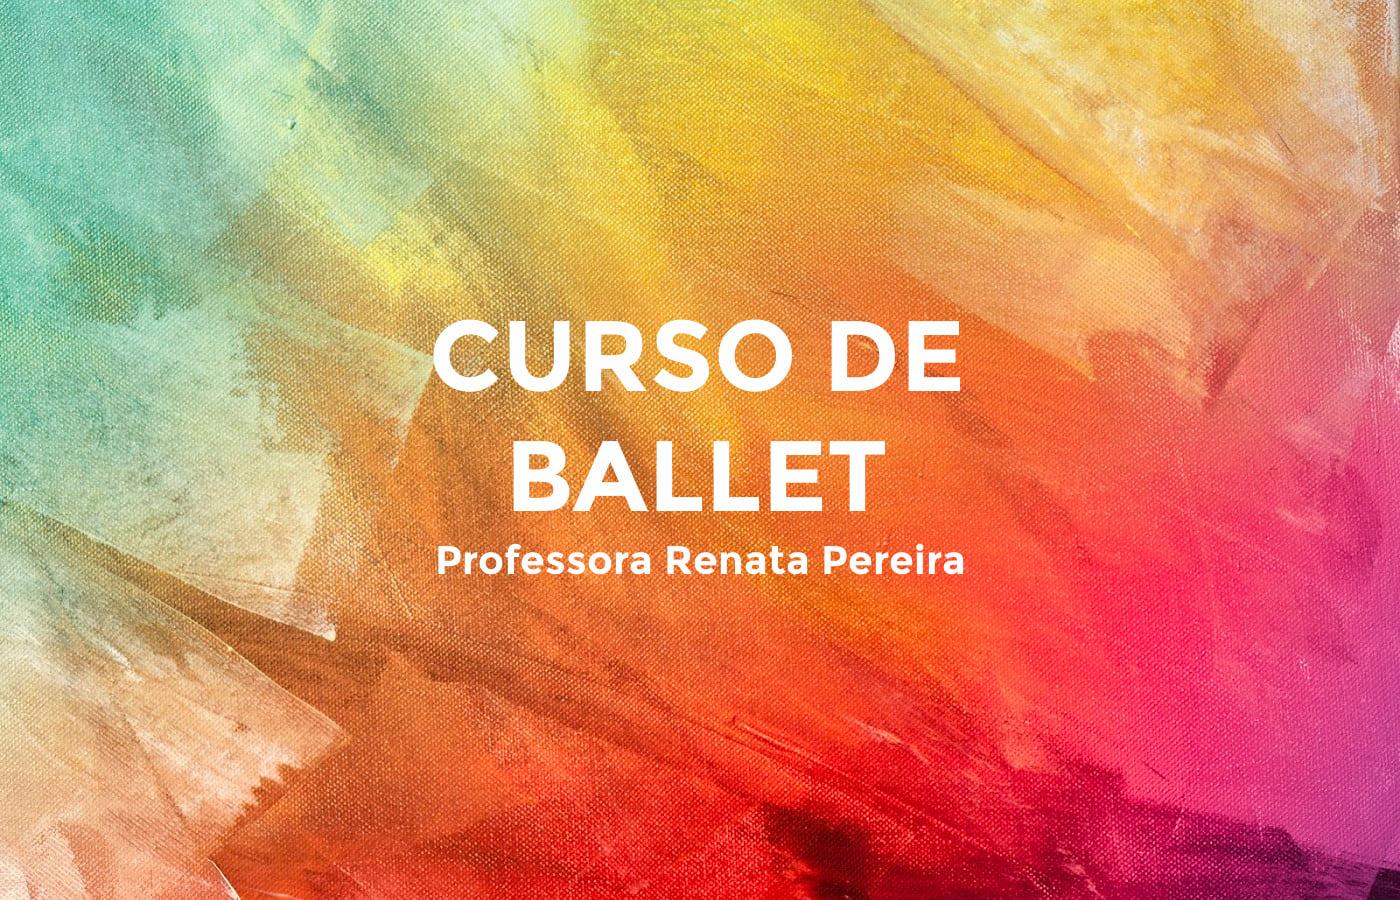 Curso de Ballet Bertioga Renata Pereira